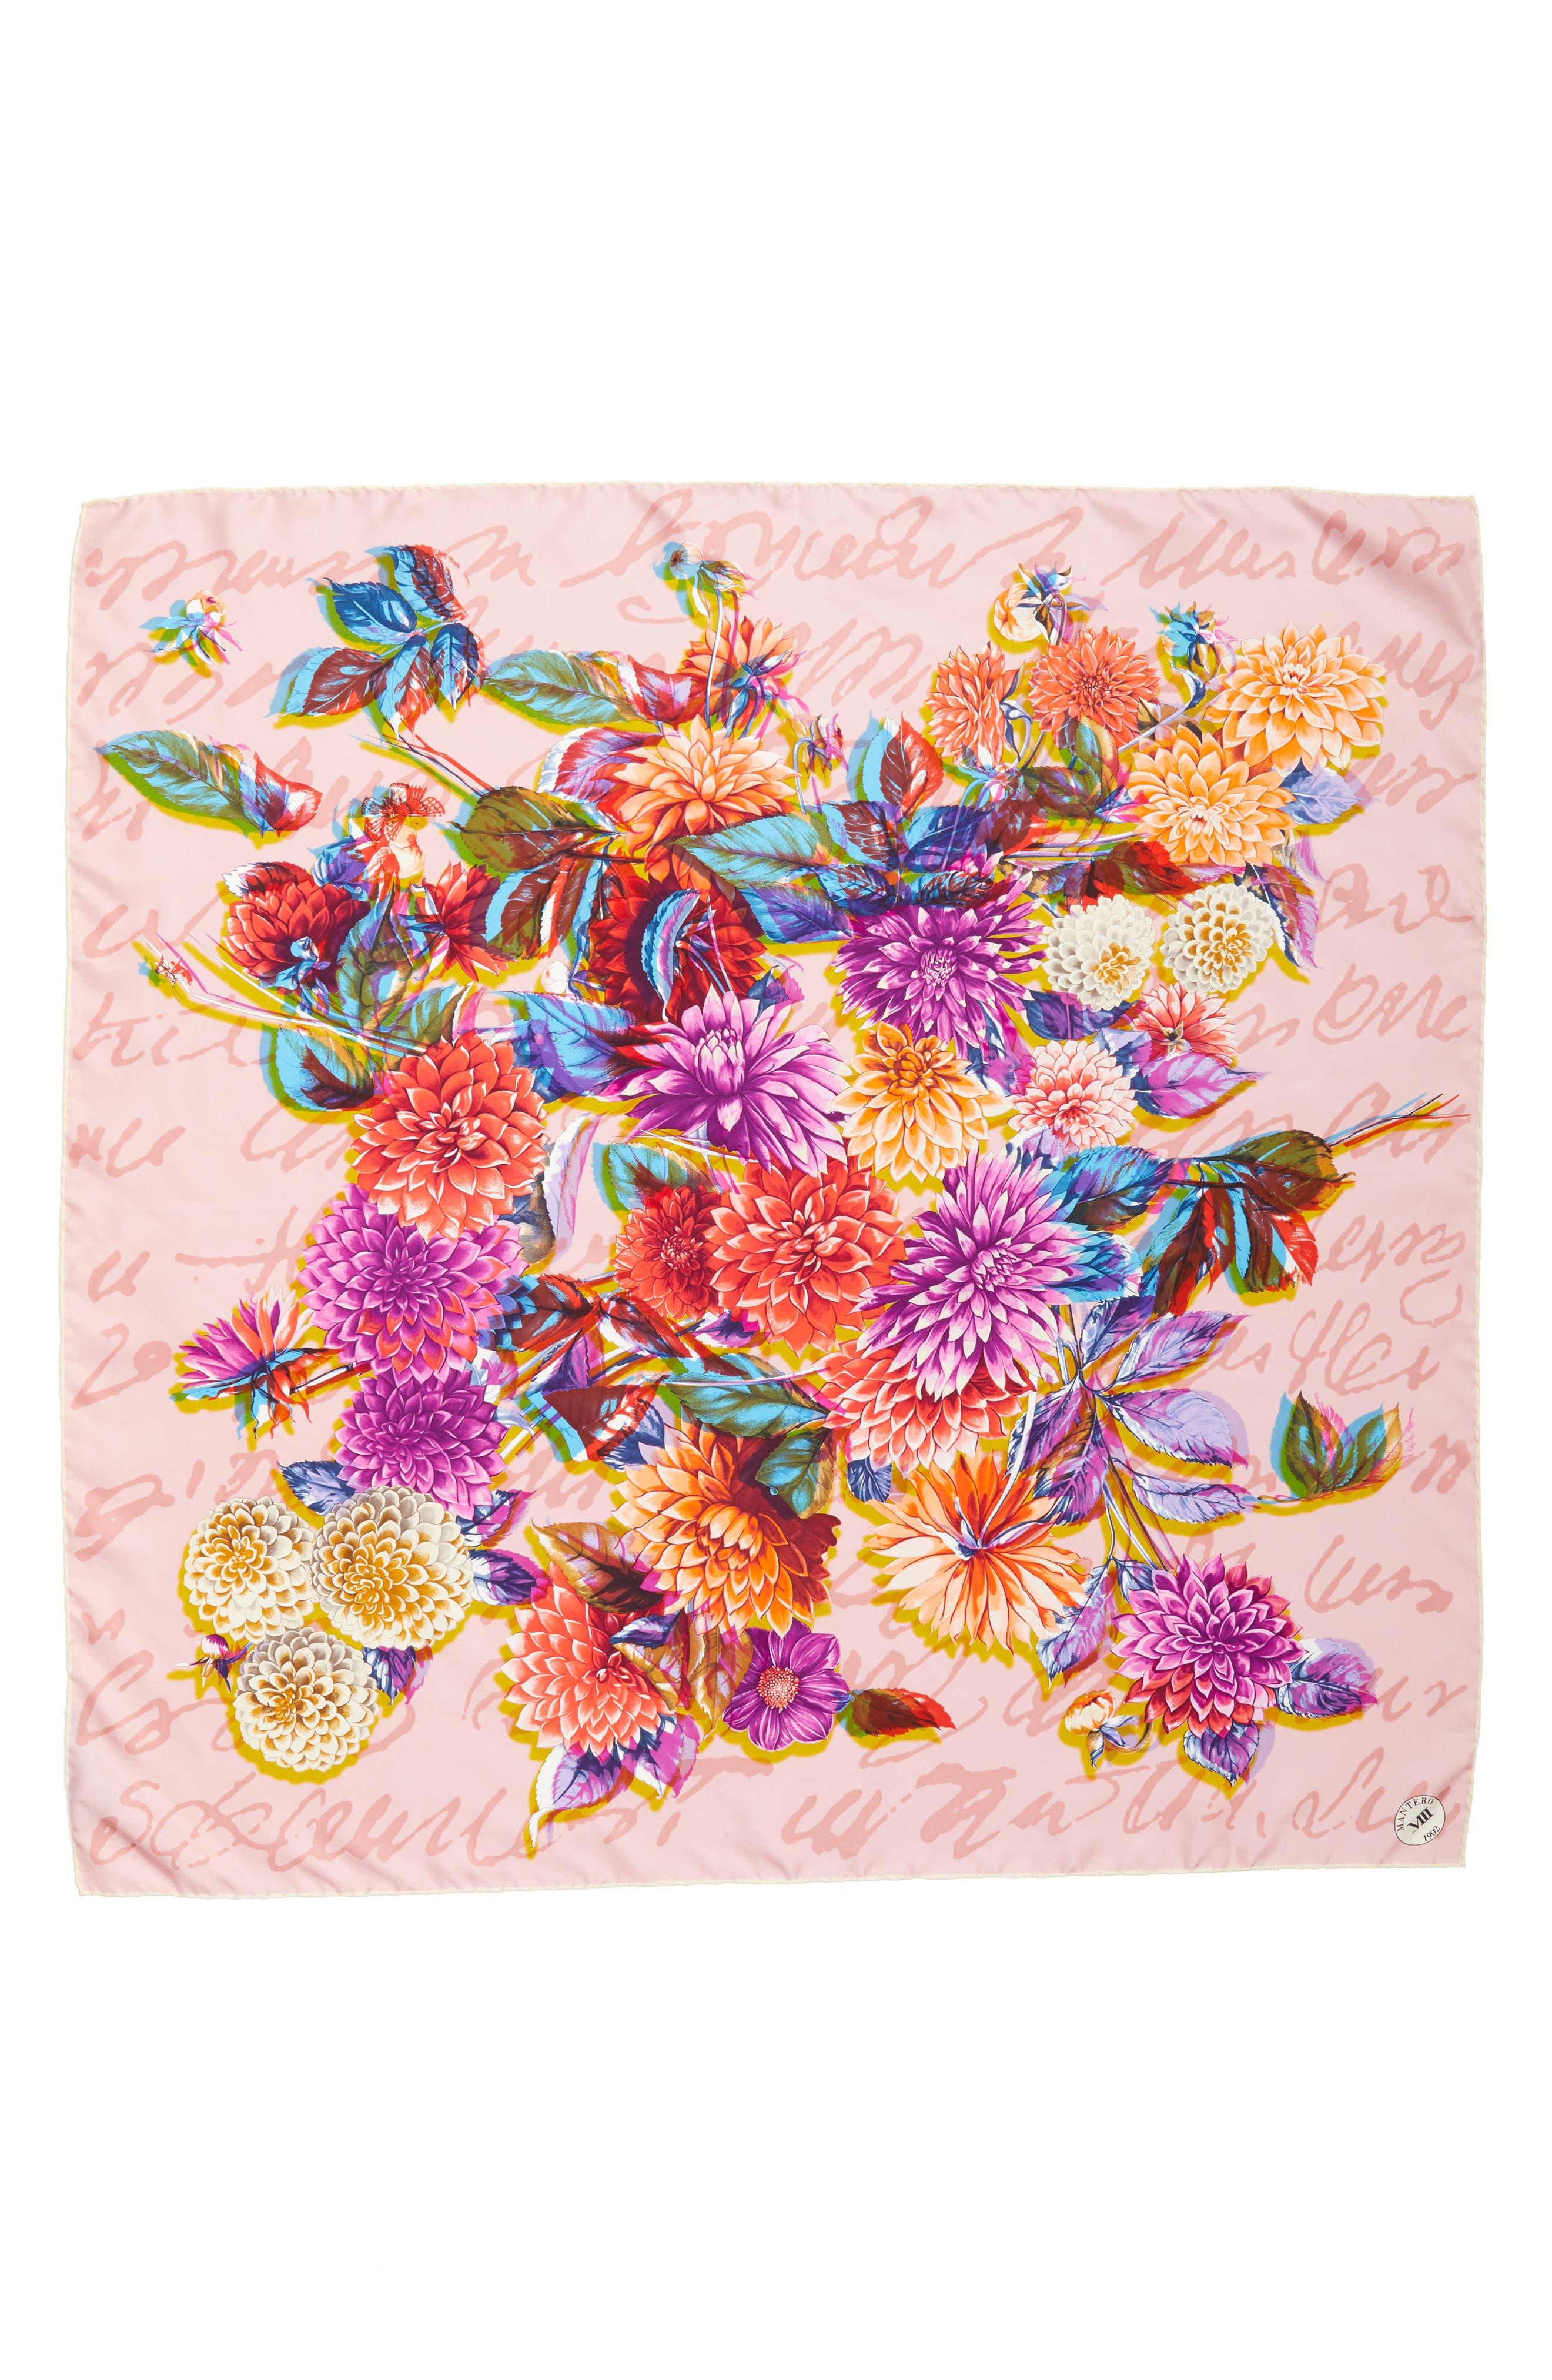 MANTERO Dalia Multifocale Square Silk Scarf